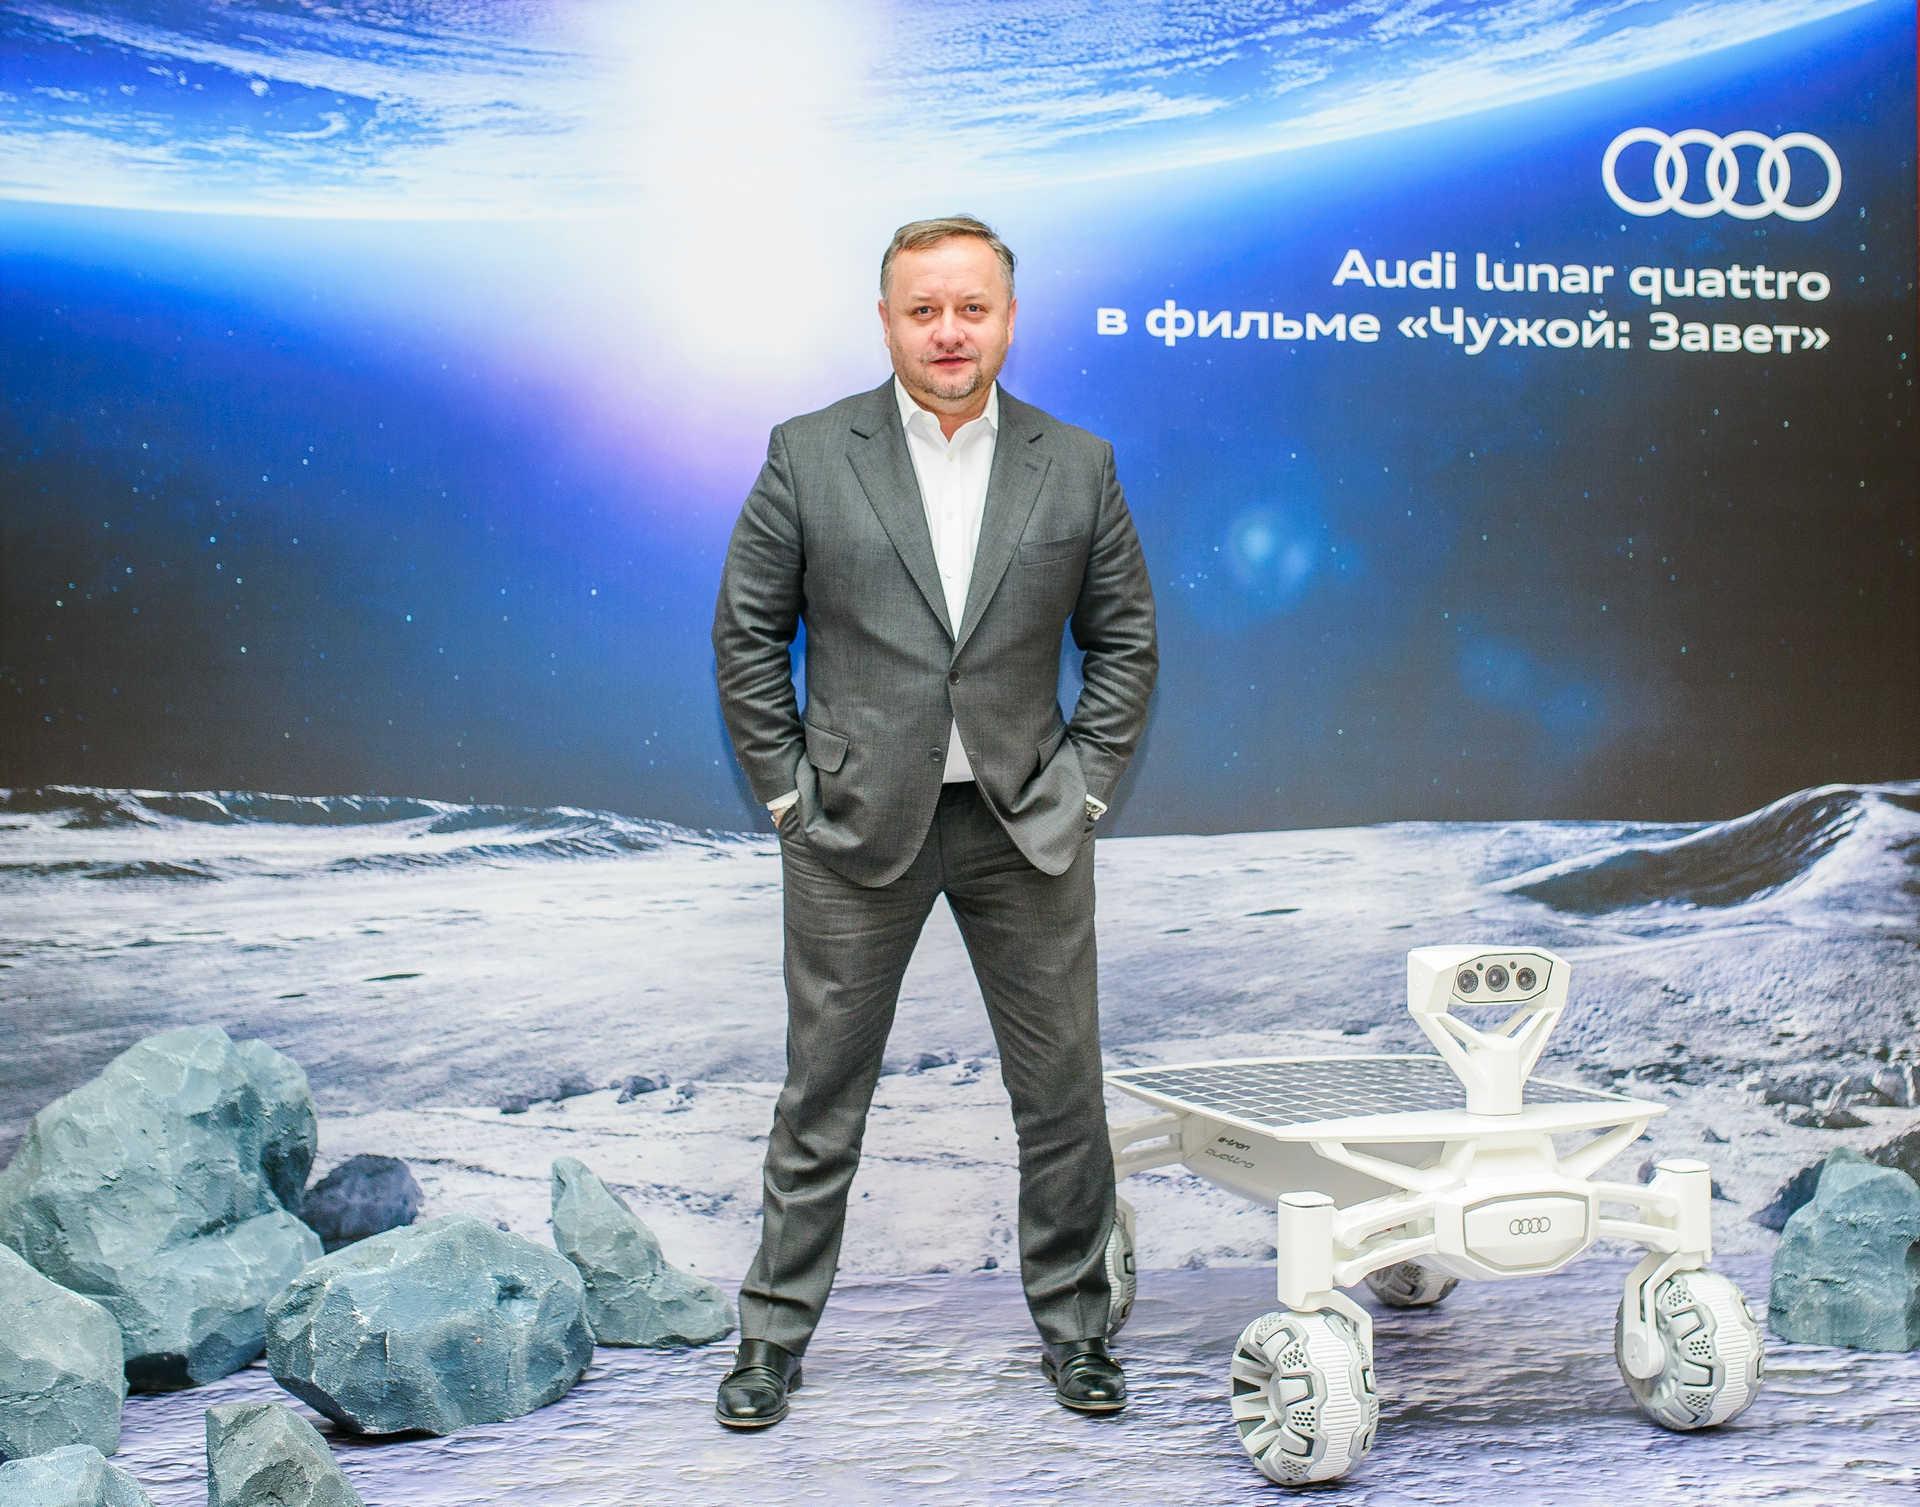 Audi, Alien: Covenant (Чужой: Завет)